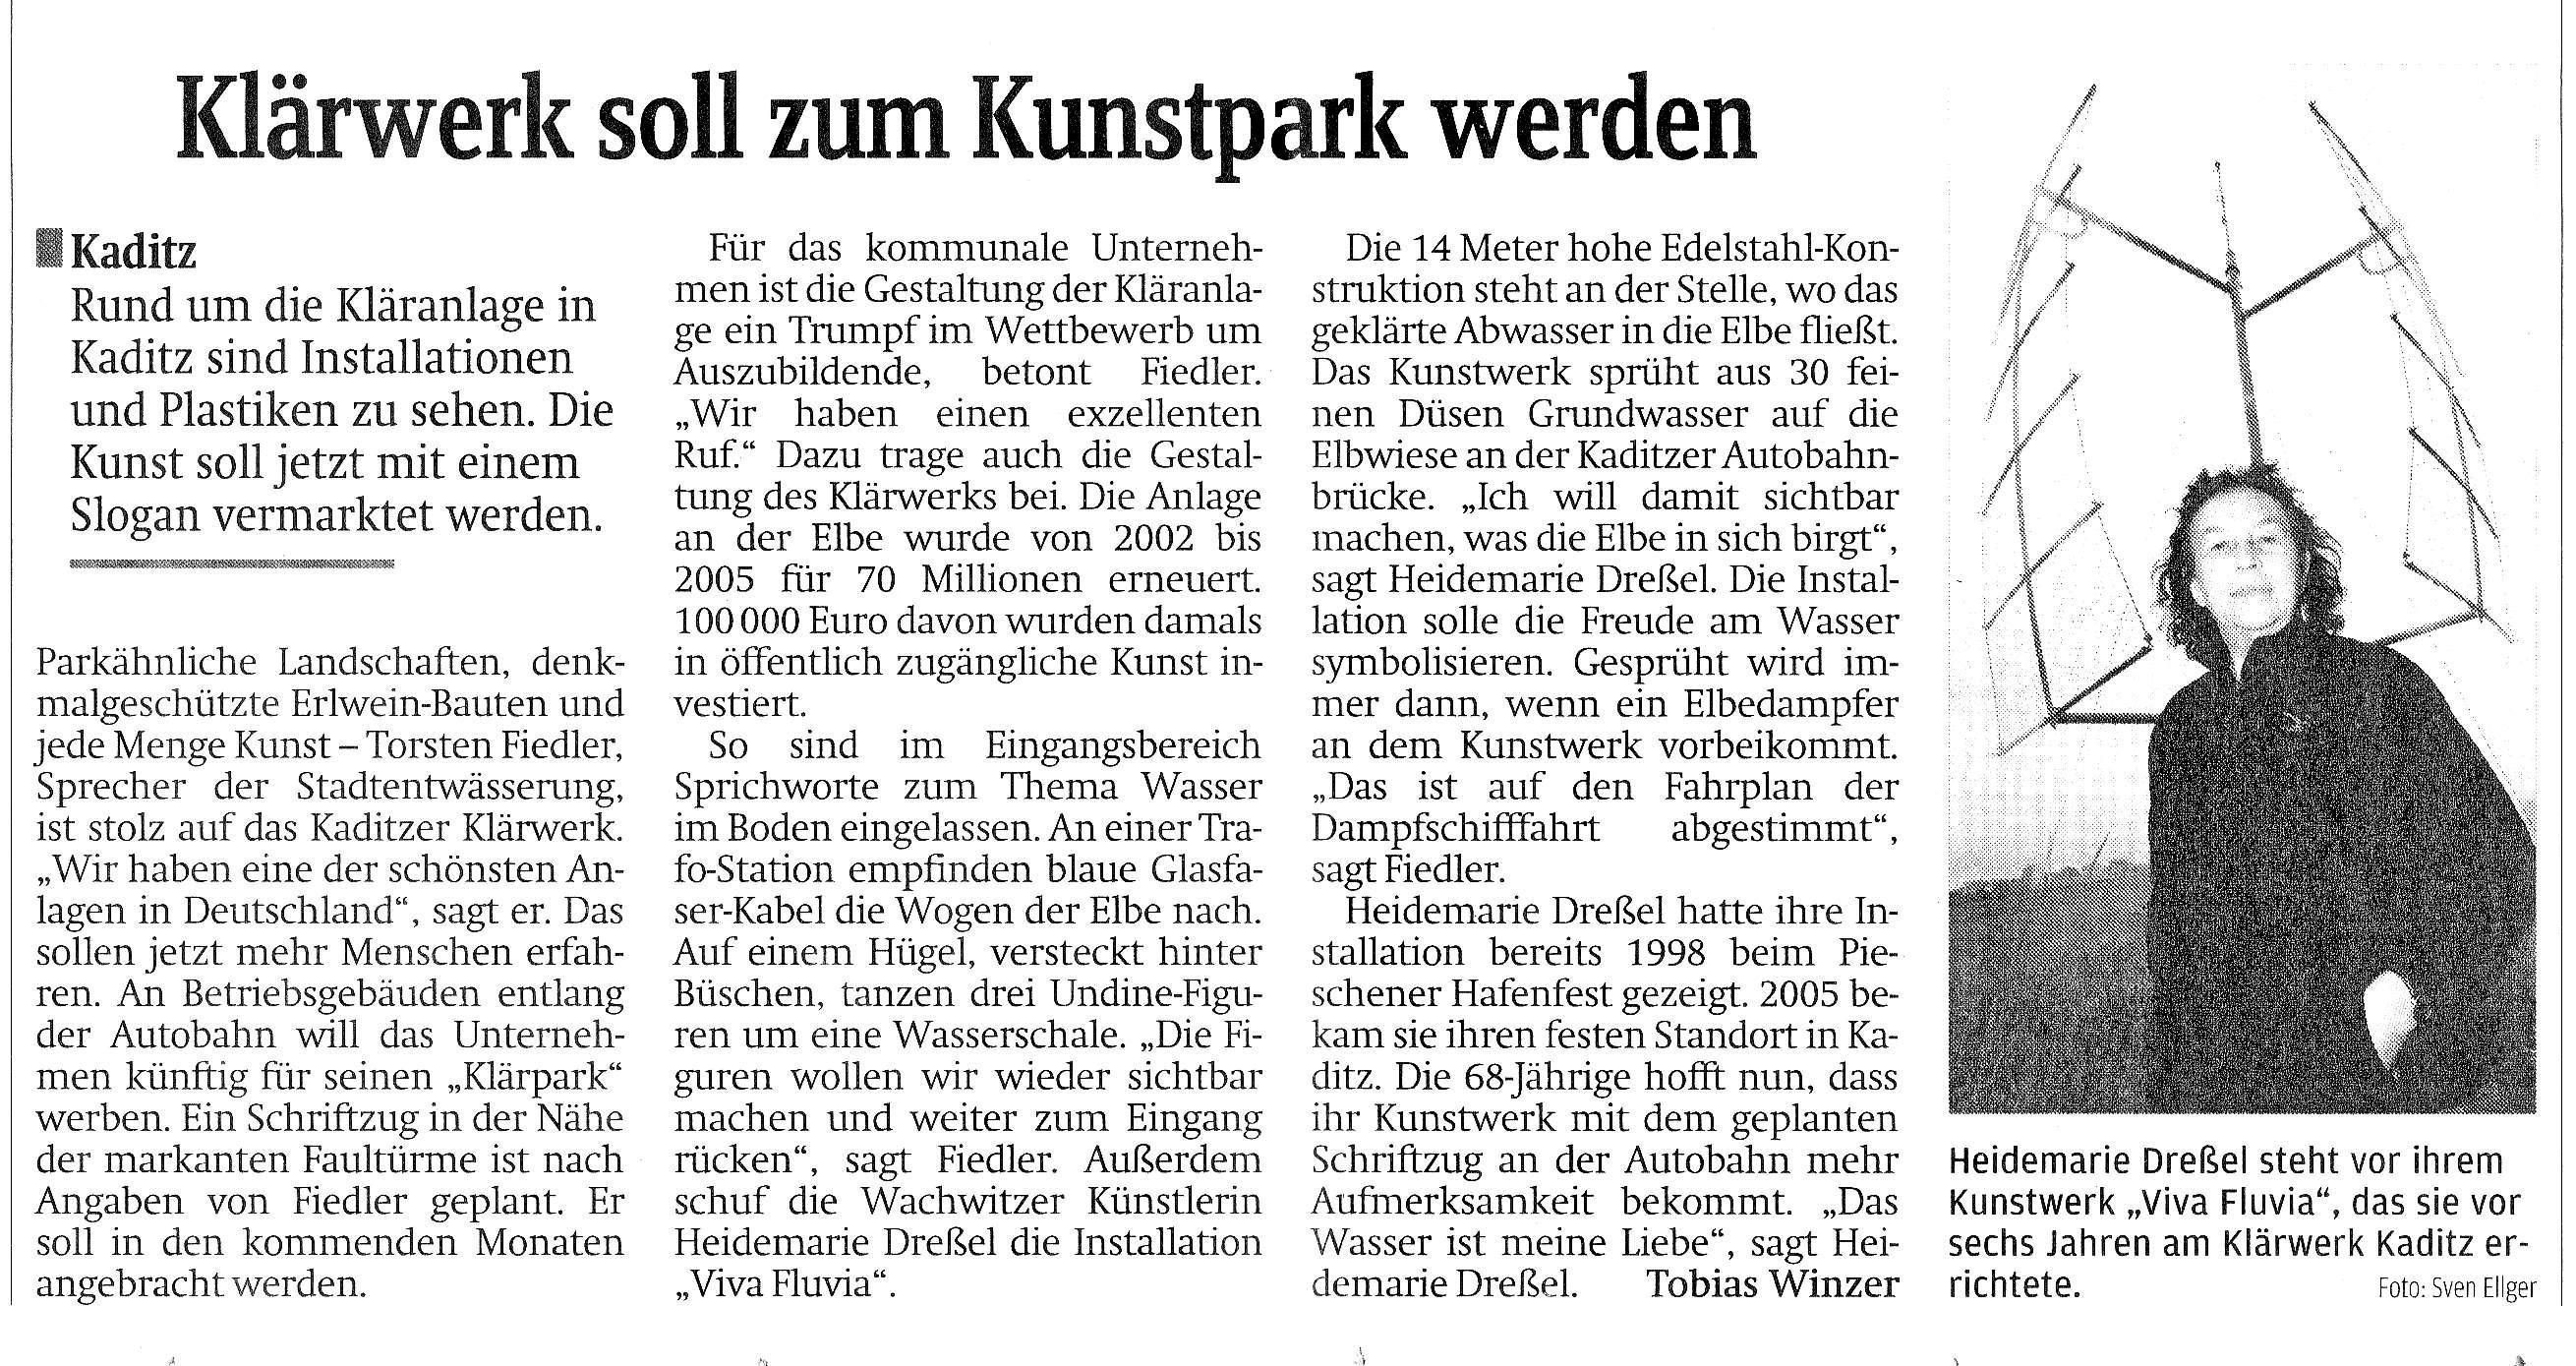 Klärwerk soll zum Kunstpark werden, Tobias Winzer, Säachsische Zeitung 27.07.2011